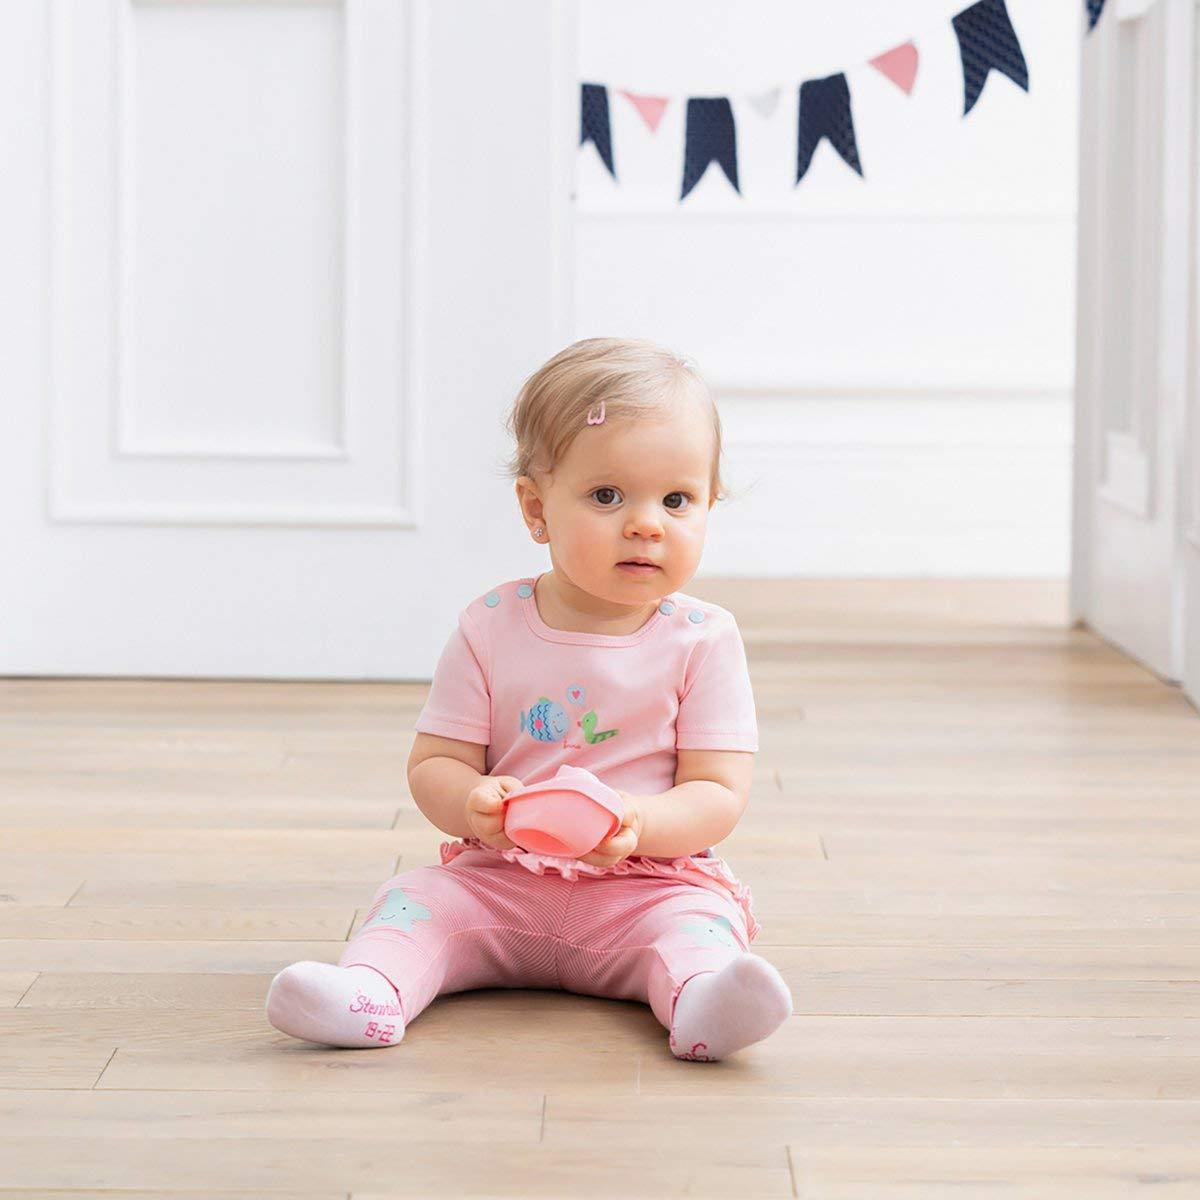 rosa Bornino Seaside T-Shirt Baby-Shirt aus Reiner Baumwolle Kurzarm-Oberteil mit aufgesetzten R/üschen /& Punkte-Print